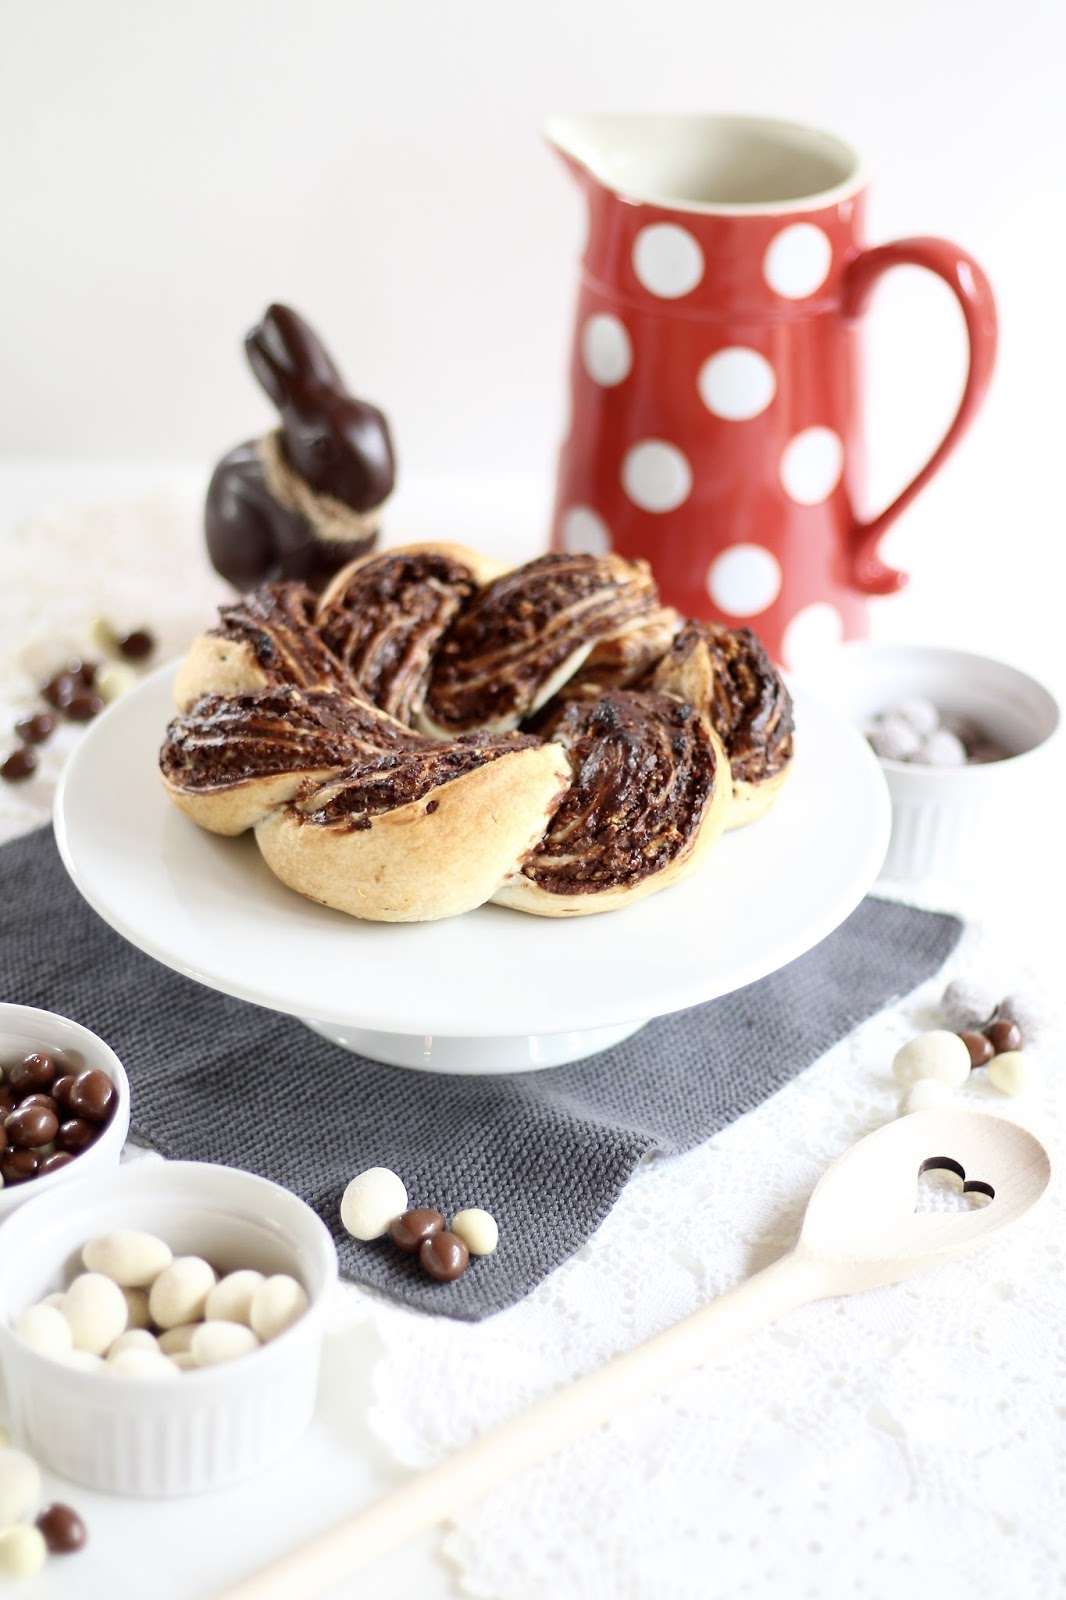 Schokoladen-Osterkranz aus Blätterteig mit Knusper-Krokant